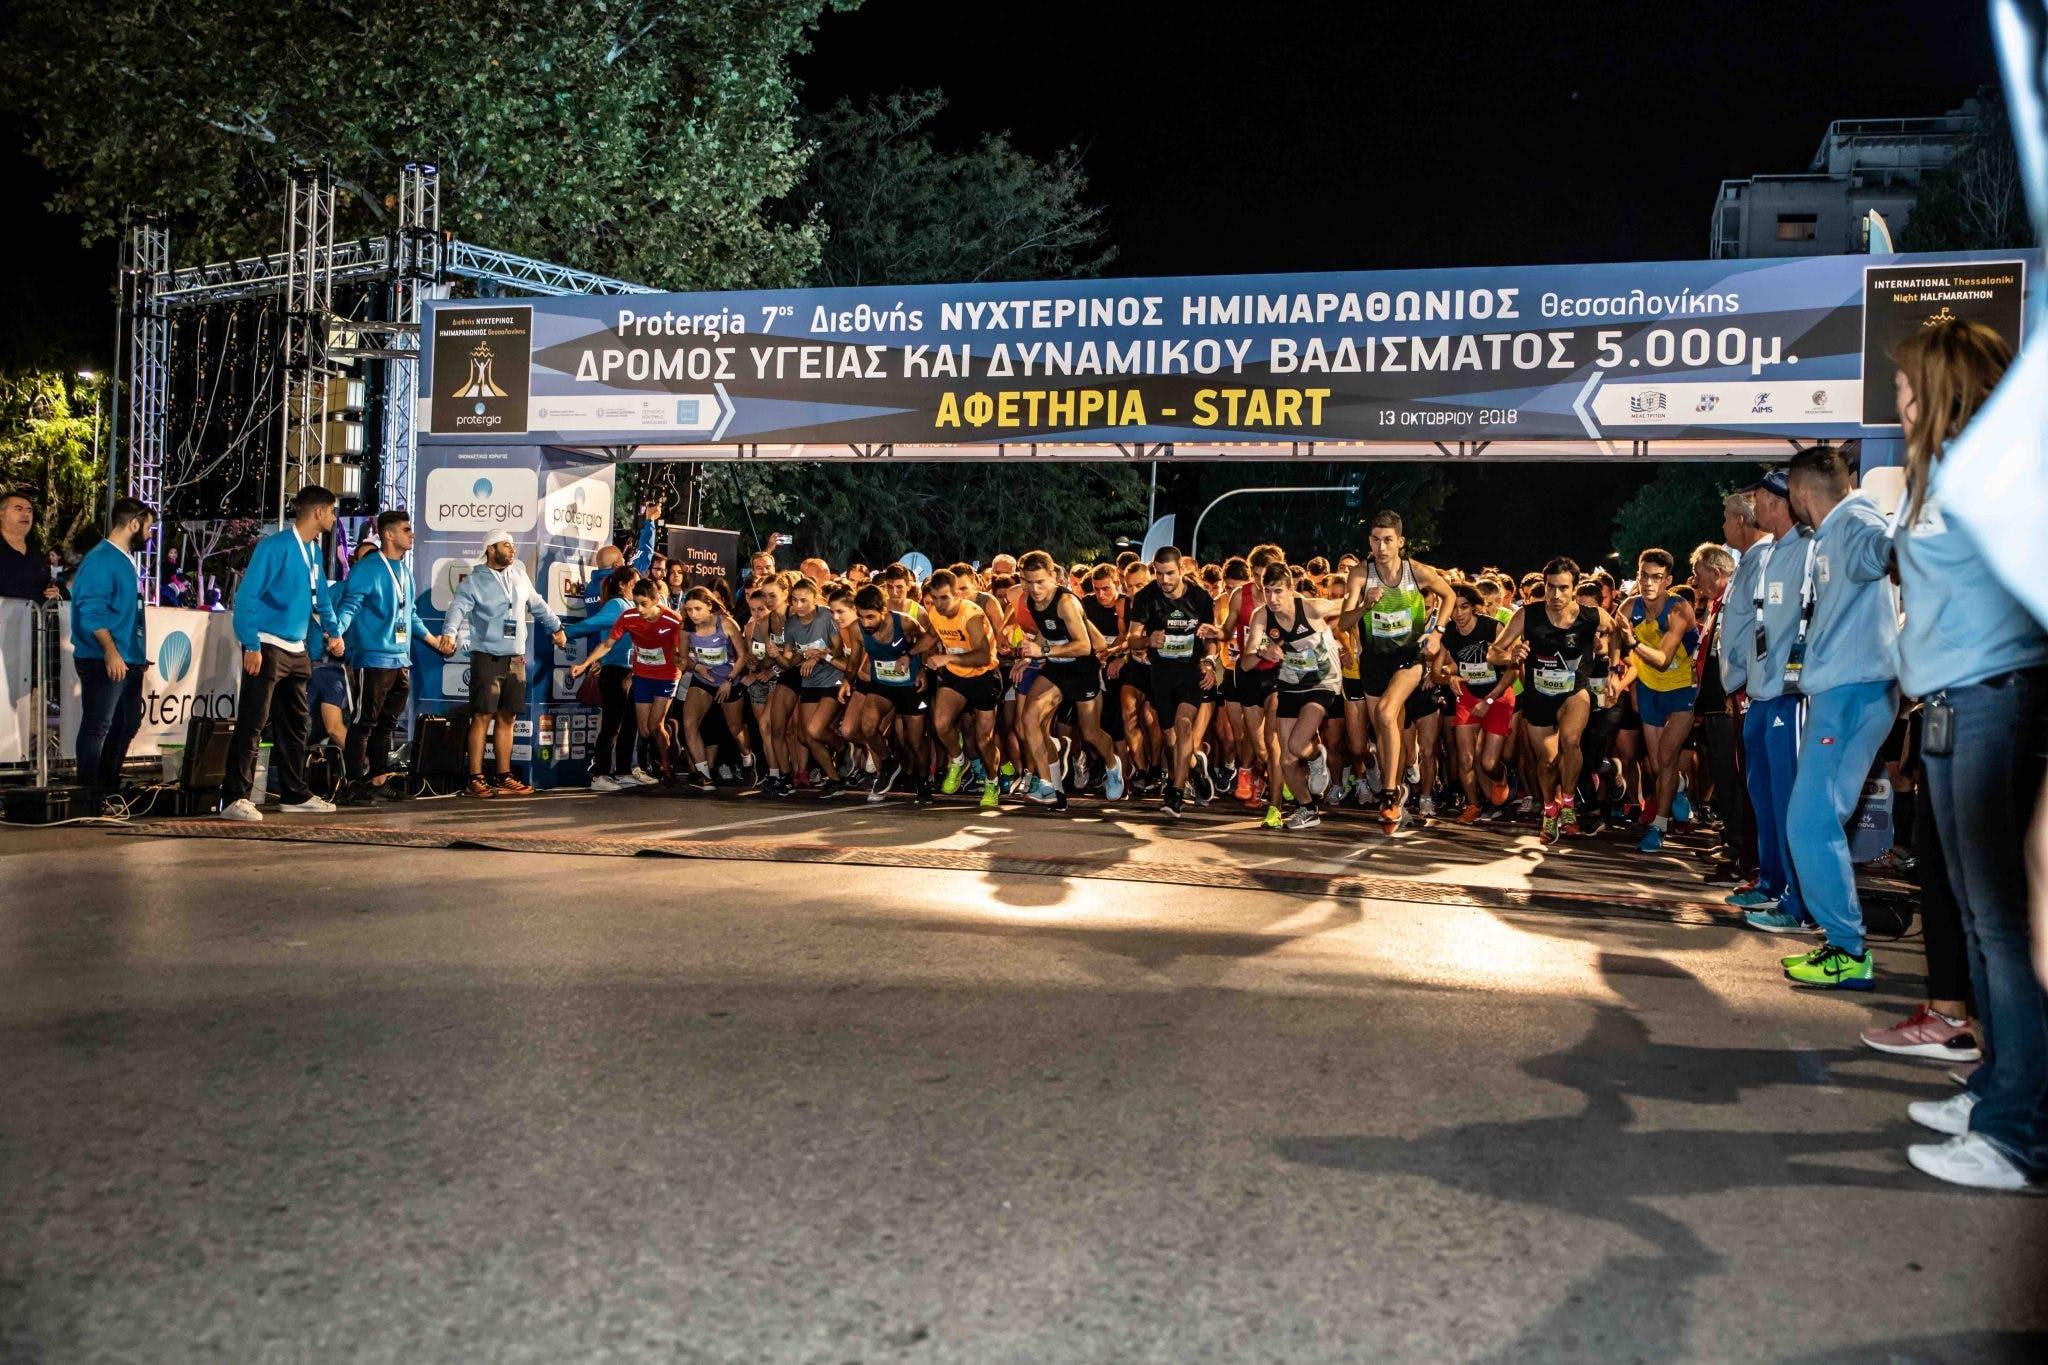 Νυχτερινός ημιμαραθώνιος - Μαραθώνιος Θεσσαλονίκης: Δικαίωμα συμμετοχής οι εμβολιασμένοι και οι νοσήσαντες